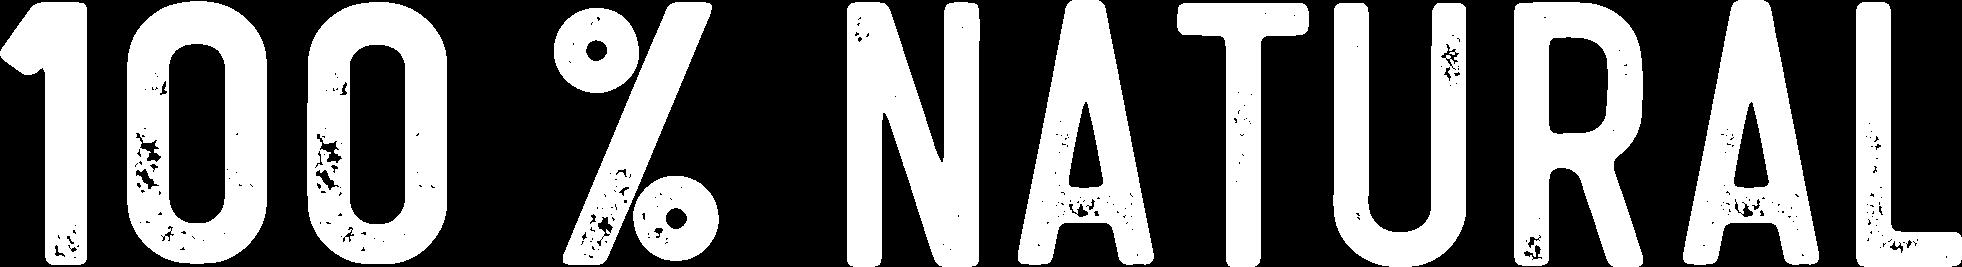 Nutrolin_ 100% natural_white